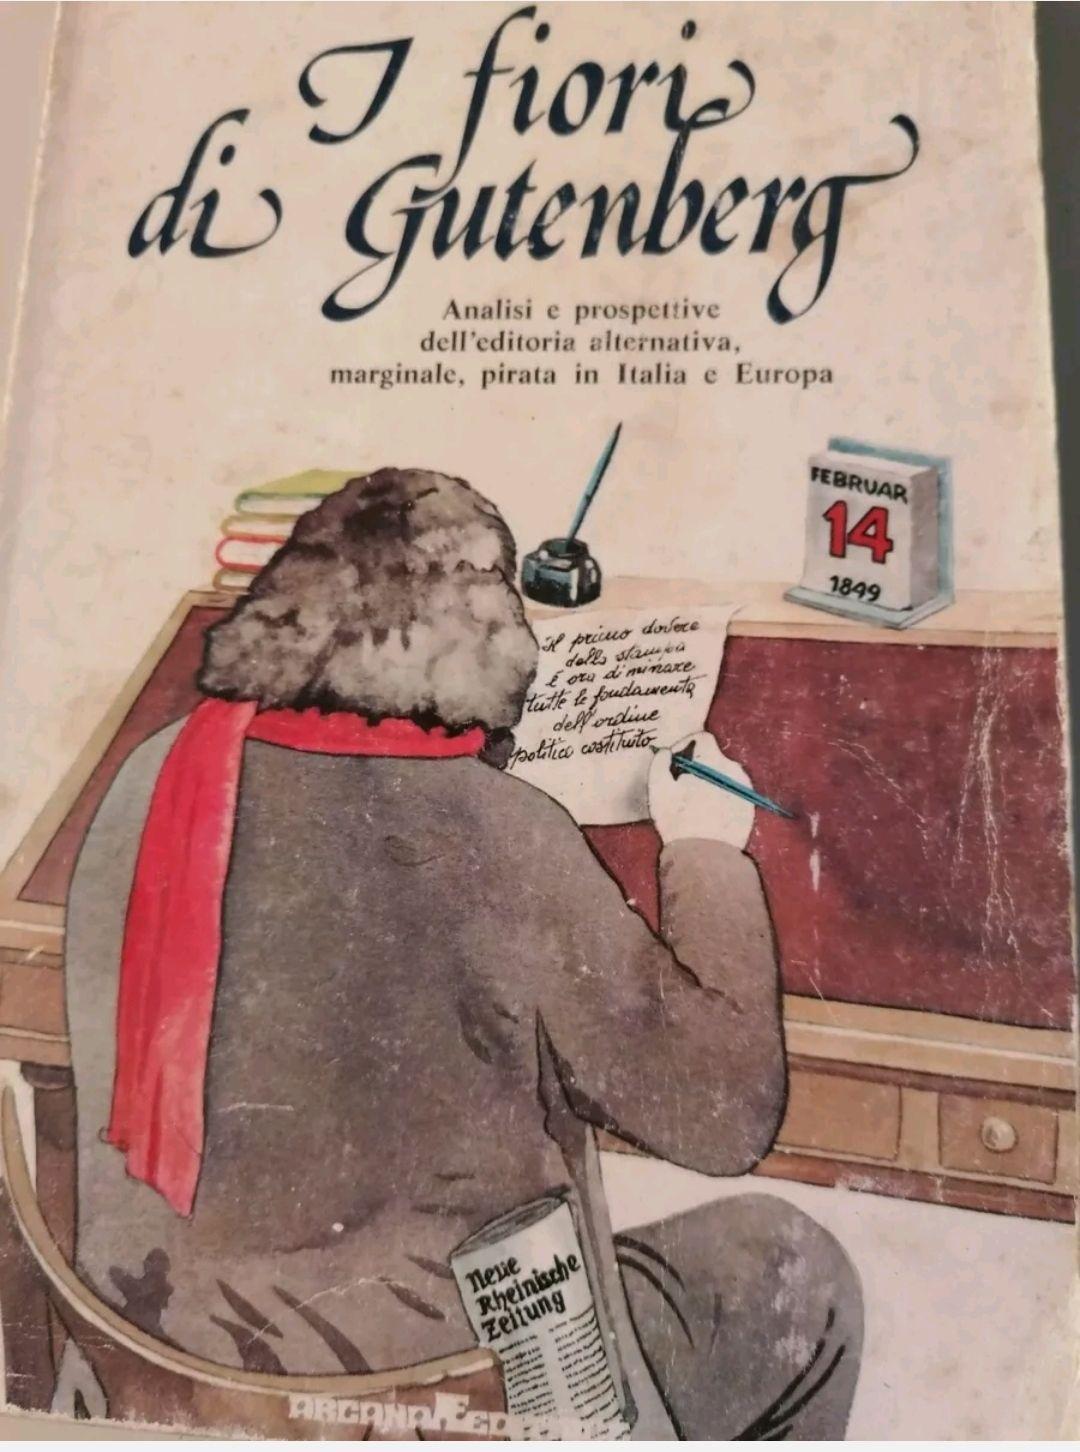 I FIORI DI GUTENBERG: ANALISI E PROSPETTIVE DELL'EDITORIA ALTERNATIVA… 1979. Raro, molto ricercato. A 35 €